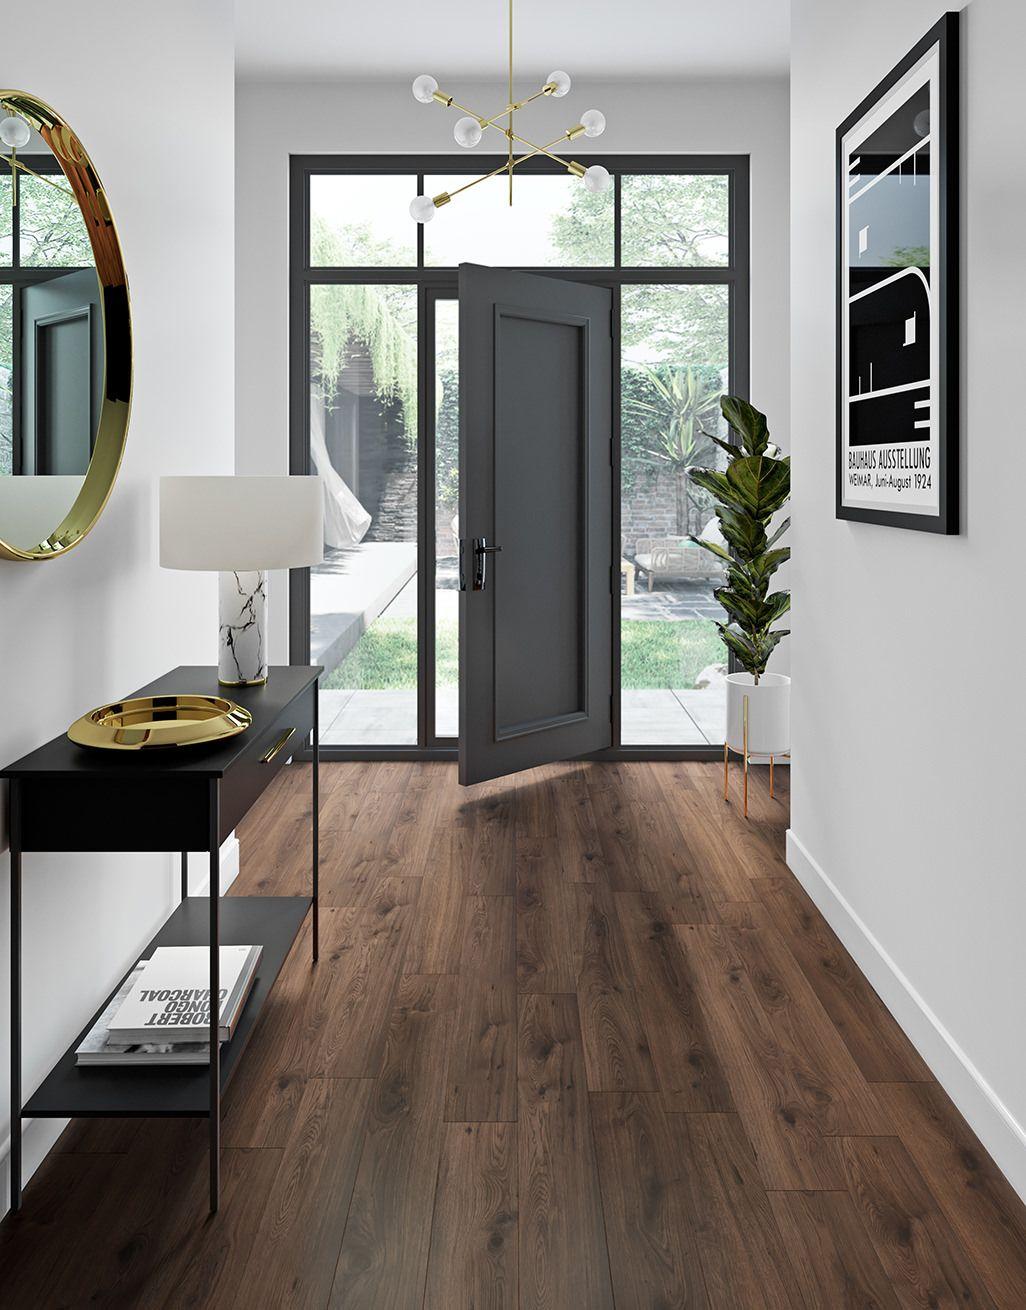 Farmhouse Dark Oak Laminate Flooring, Dark Oak Wood Laminate Flooring